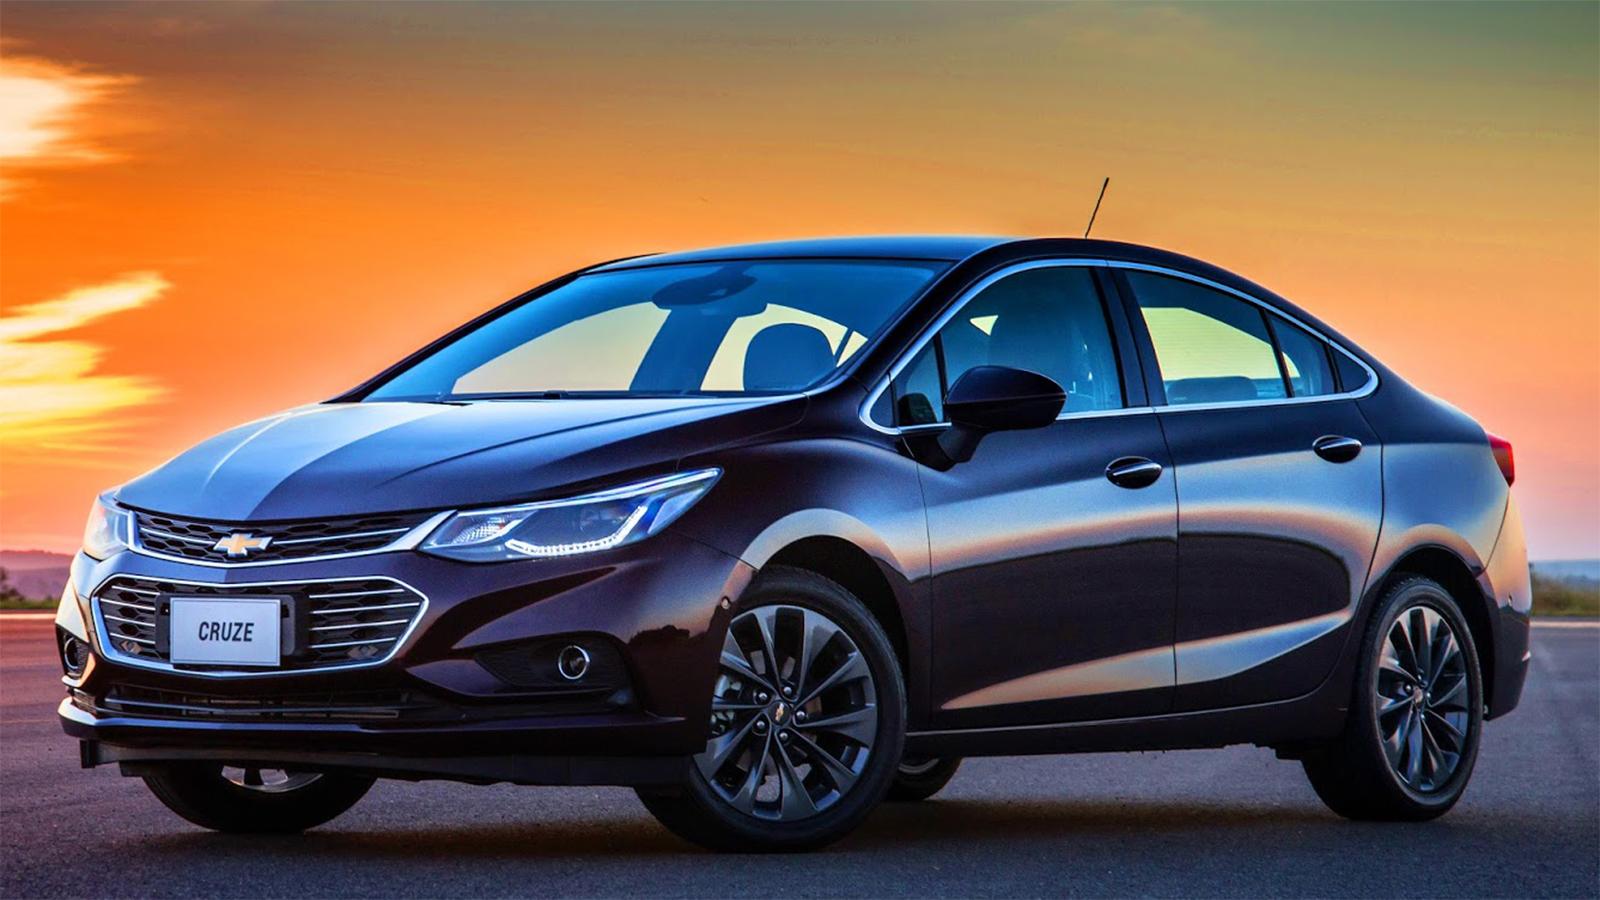 Chevrolet Türkiye ve Avrupa'ya geri döner mi? - Sekiz Silindir